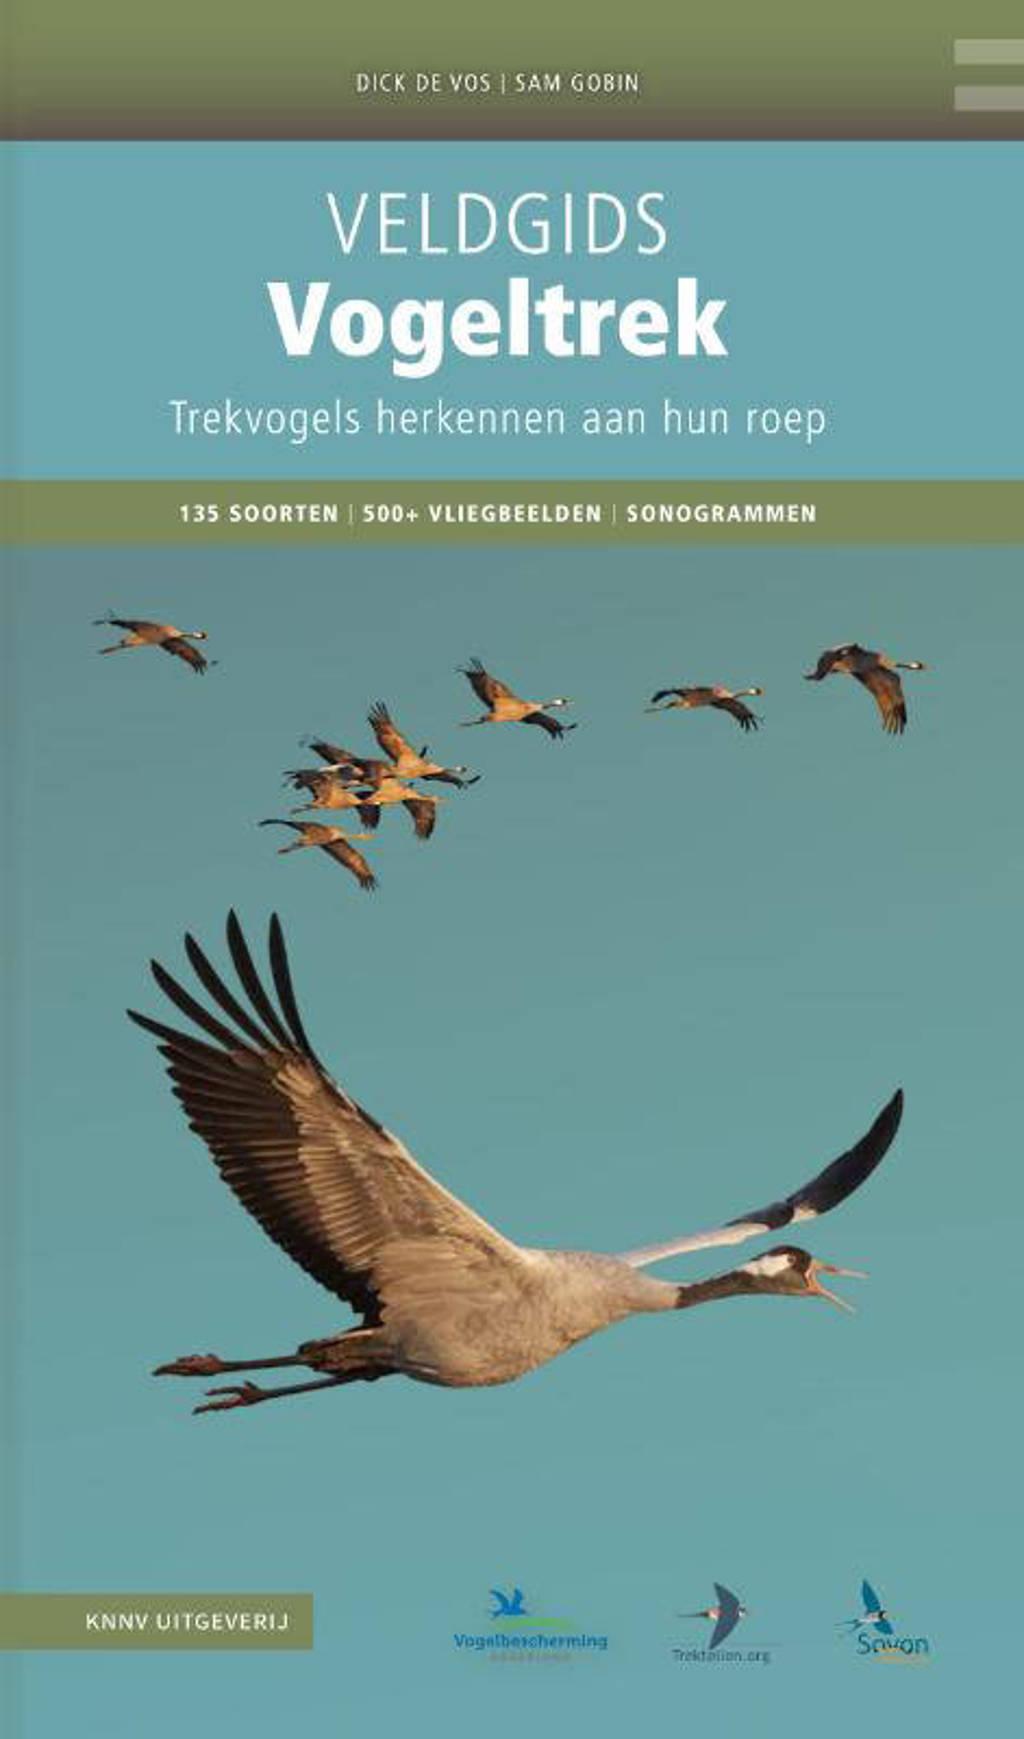 Veldgids Vogeltrek - Dick De Vos en Sam Gobin